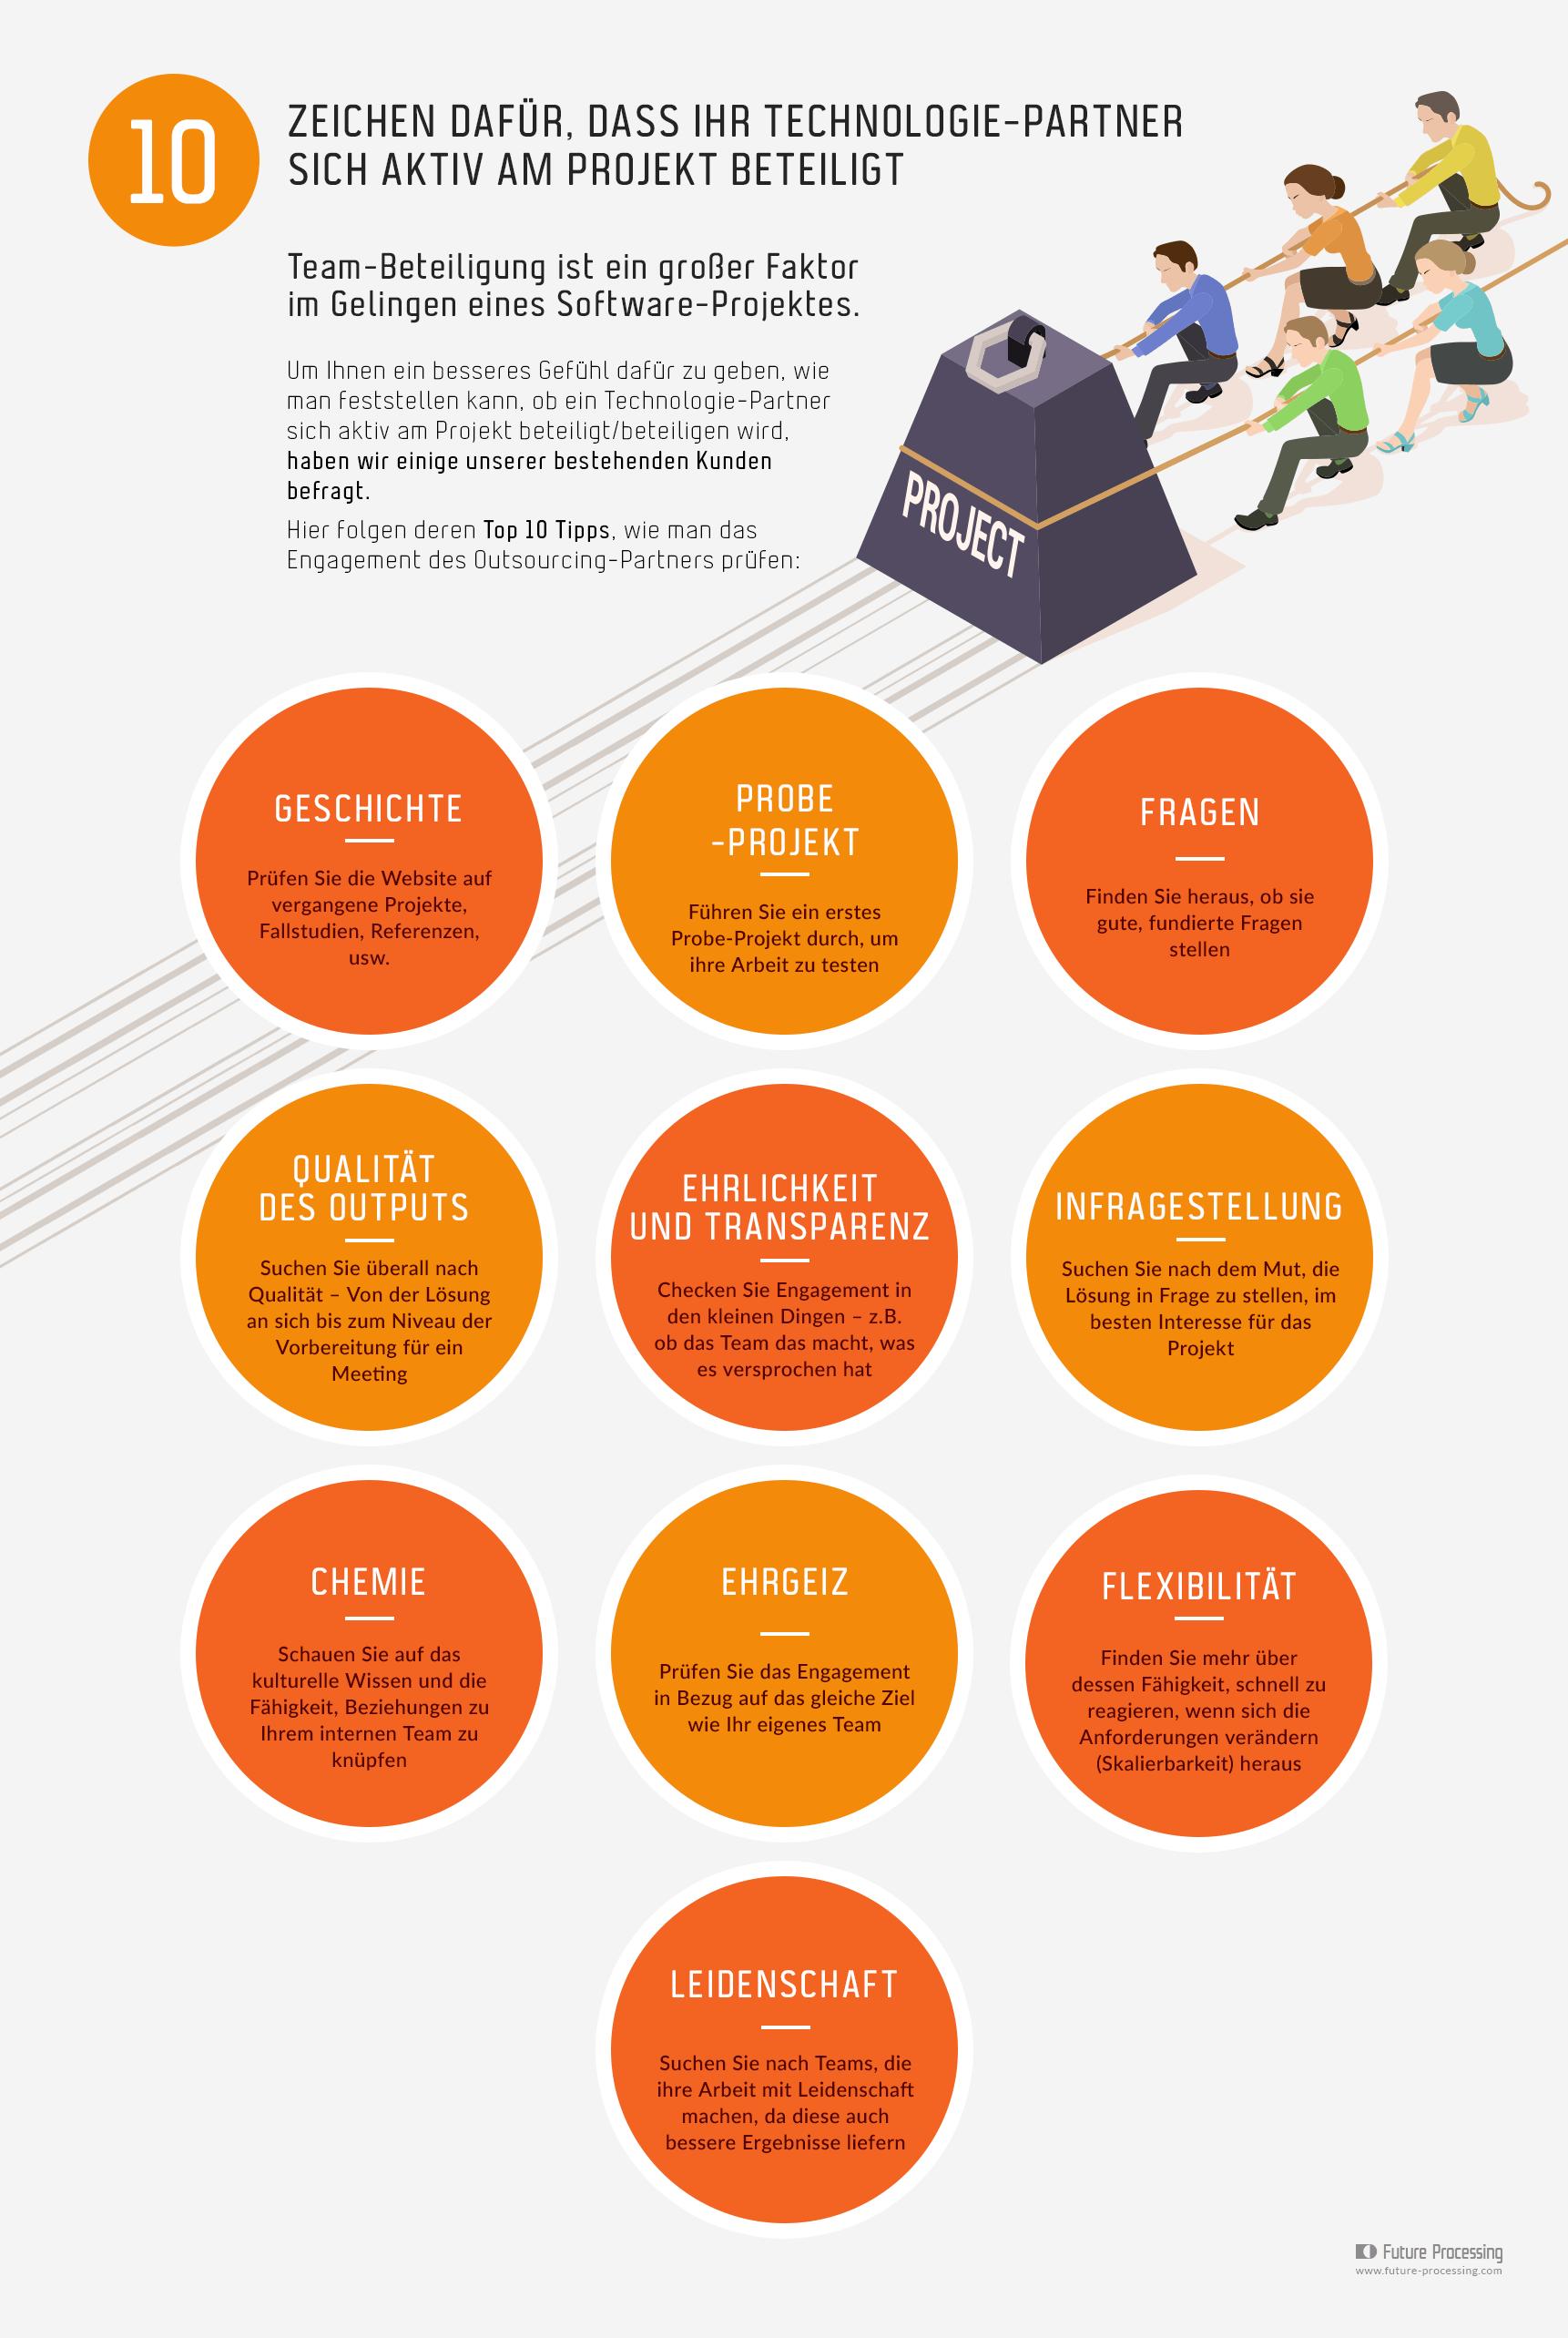 10 ZEICHEN DAFÜR, DASS IHR TECHNOLOGIE-PARTNER SICH AKTIV AM PROJEKT BETEILIGT